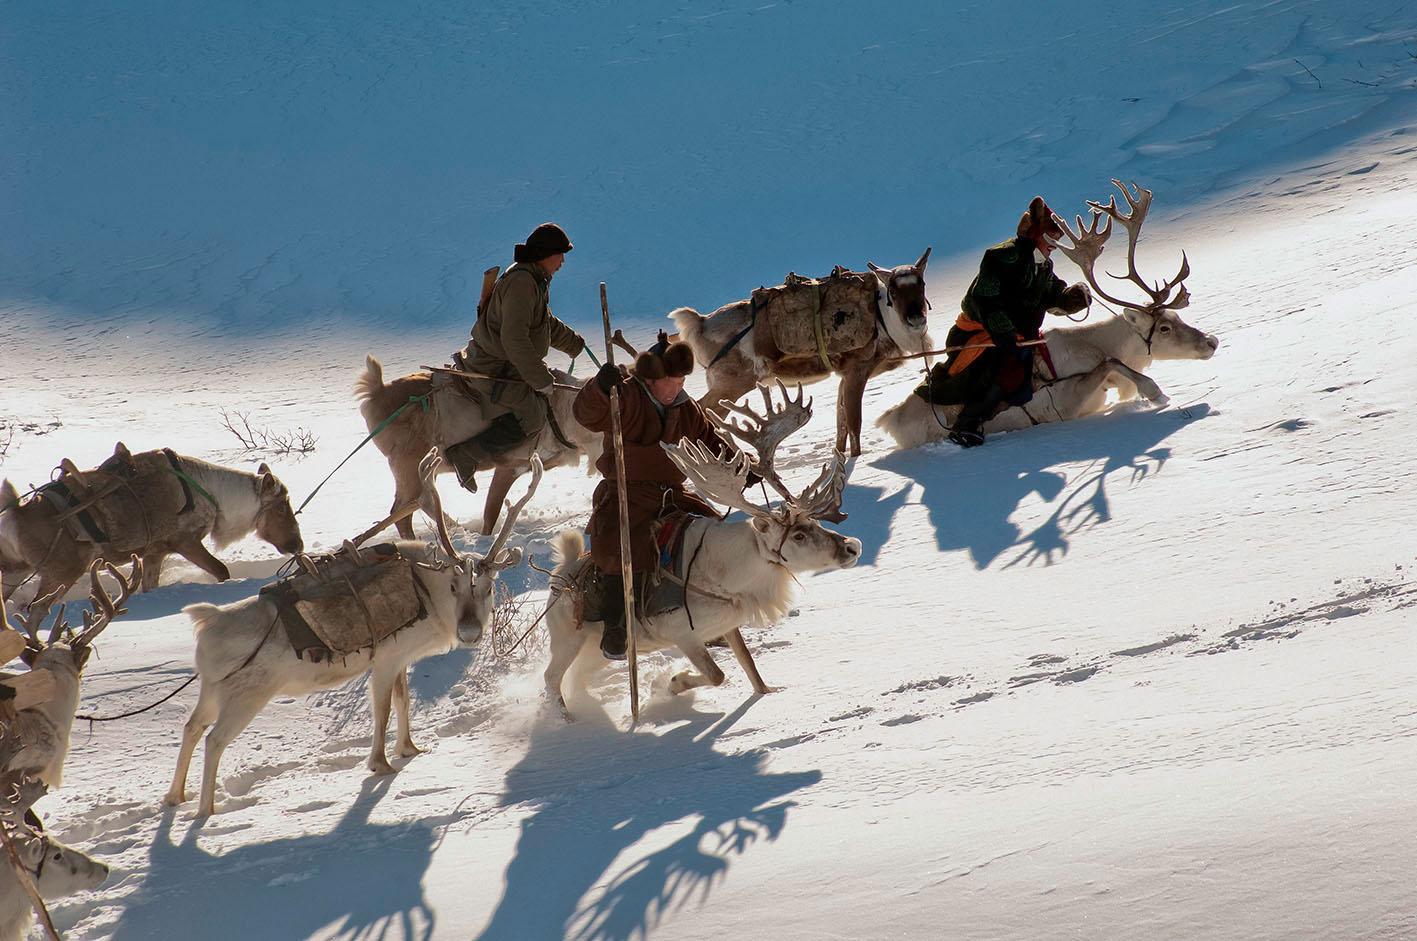 """Die Duhalar sind abhängig von den Rentieren. Sie trinken deren Milch, gehen mit ihnen auf die Jagd und pflegen eine eigene Spiritualität. Die Wanderrouten passieren nämlich einen Wald, in dem die verstorbenen Vorfahren des Volkes bei drei heiligen Bäumen, """"takhilgan"""" genannt, bestattet sind. Dem Glauben der Duhalar zufolge kommunizieren die Seelen der Vorfahren mit den Lebenden durch die Gesänge der Stammes-Schamanen."""